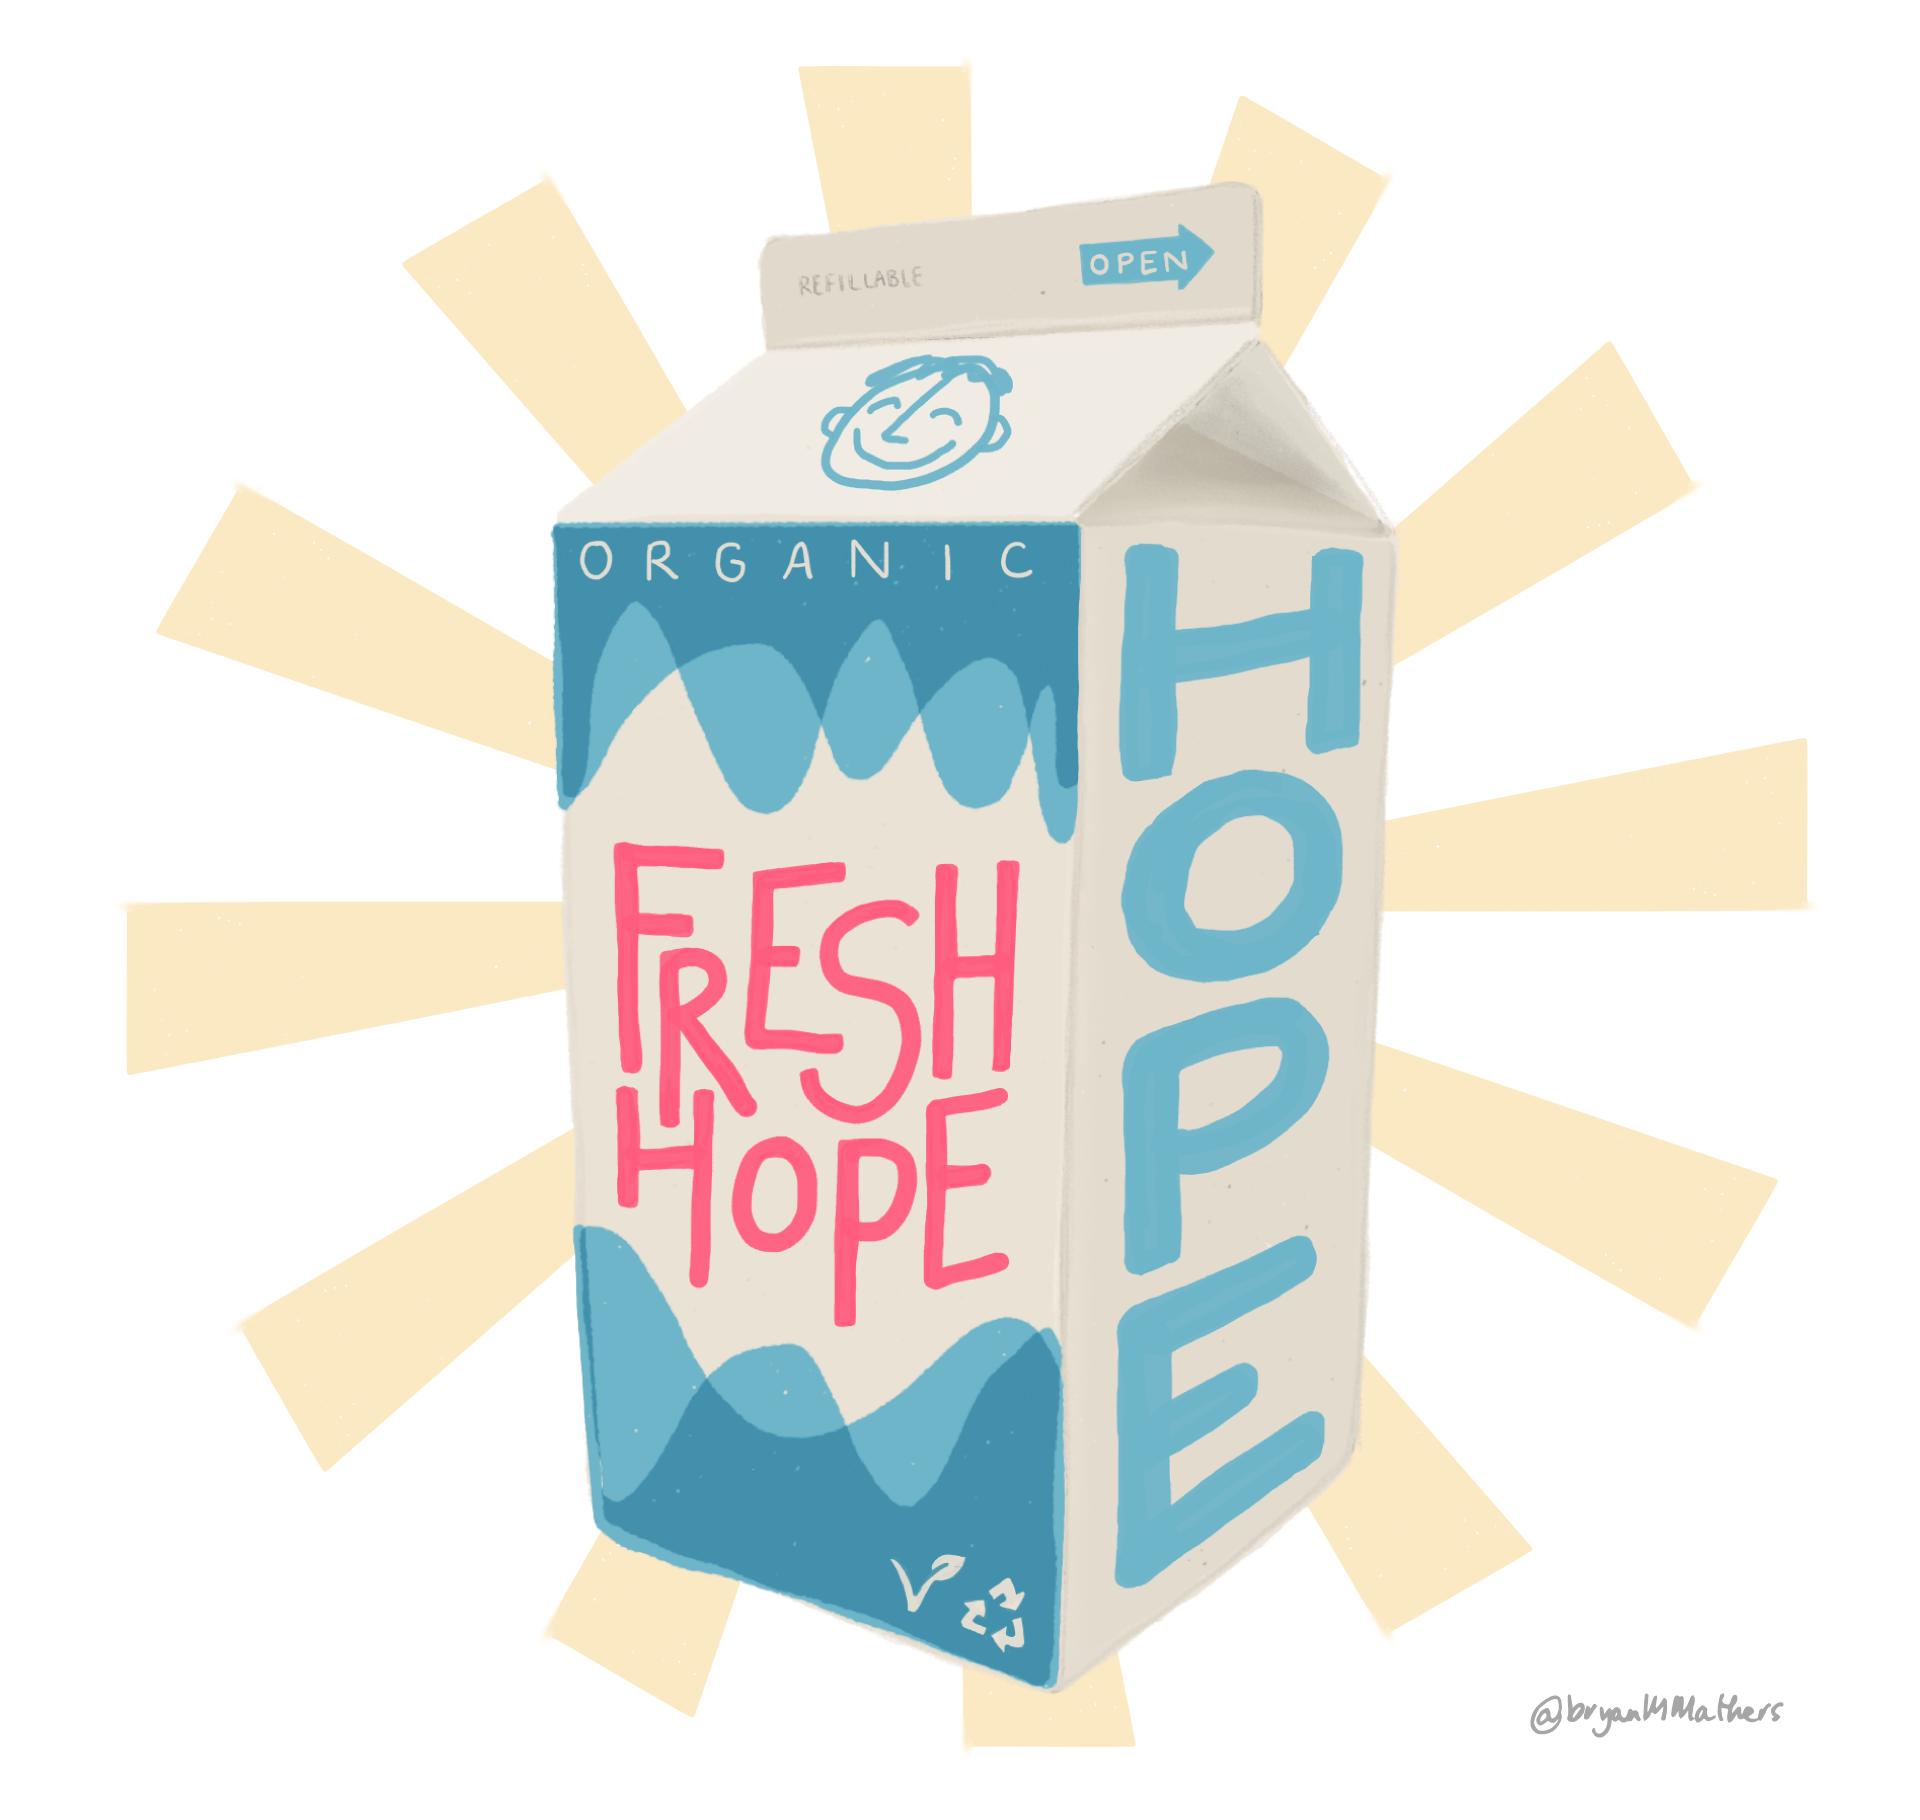 A fresh hope